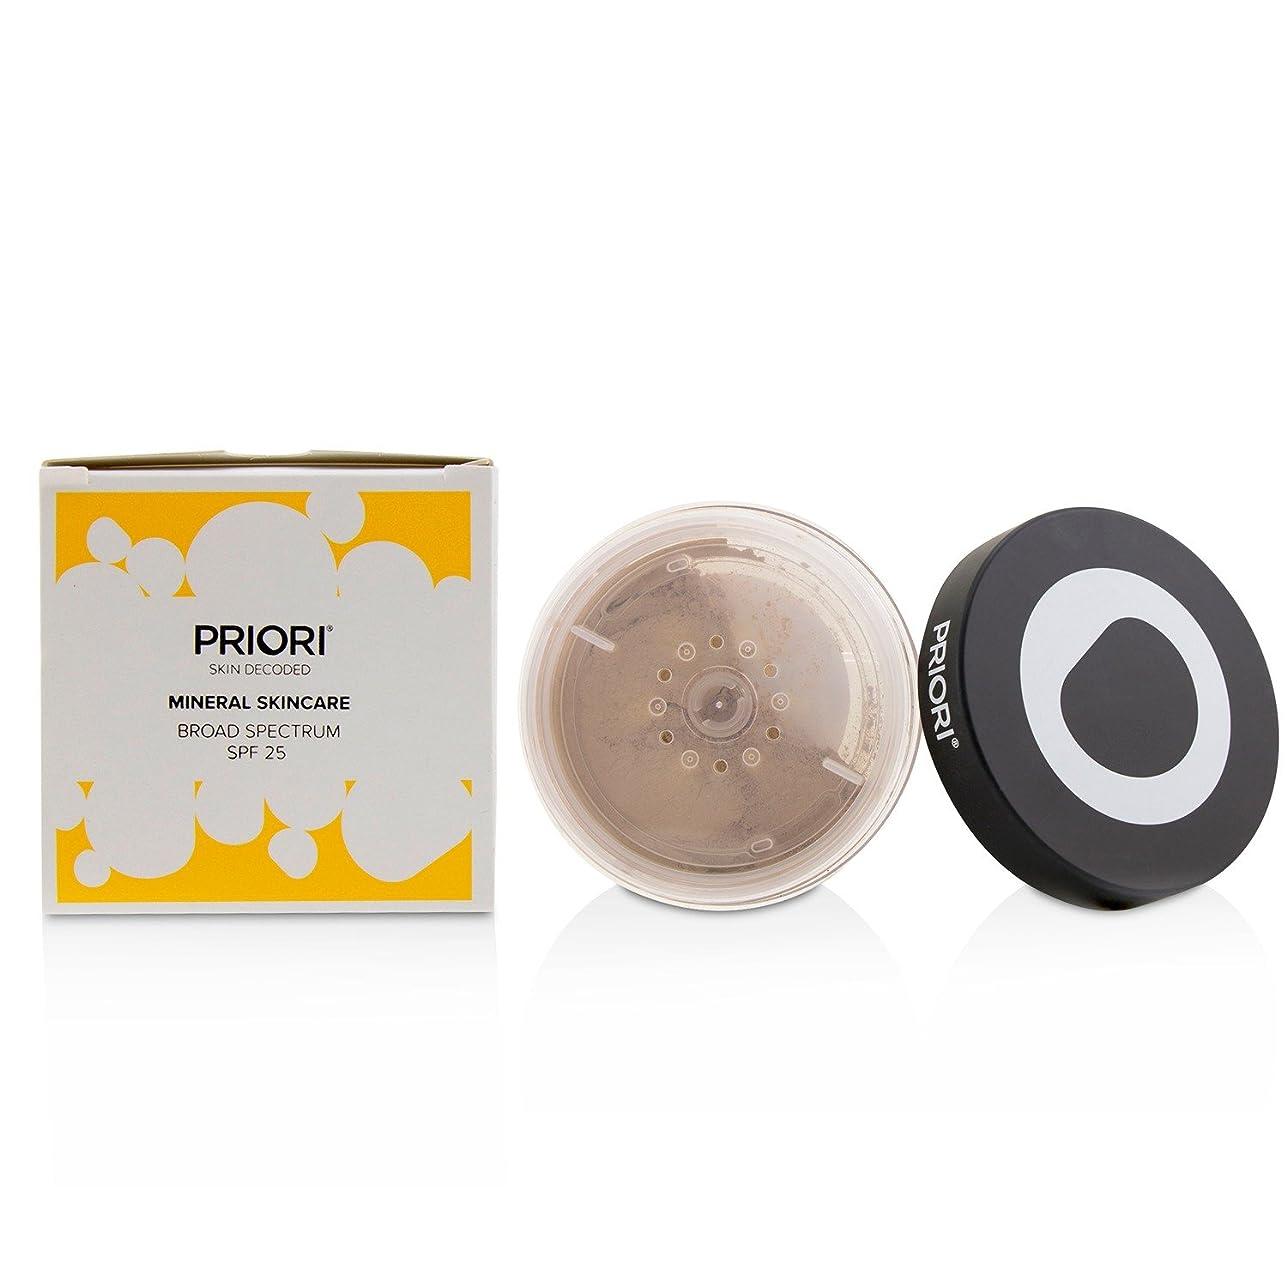 グレーベール変数プリオリ Mineral Skincare Broad Spectrum SPF25 - # Shade 4 (Fx354) 5g/0.17oz並行輸入品